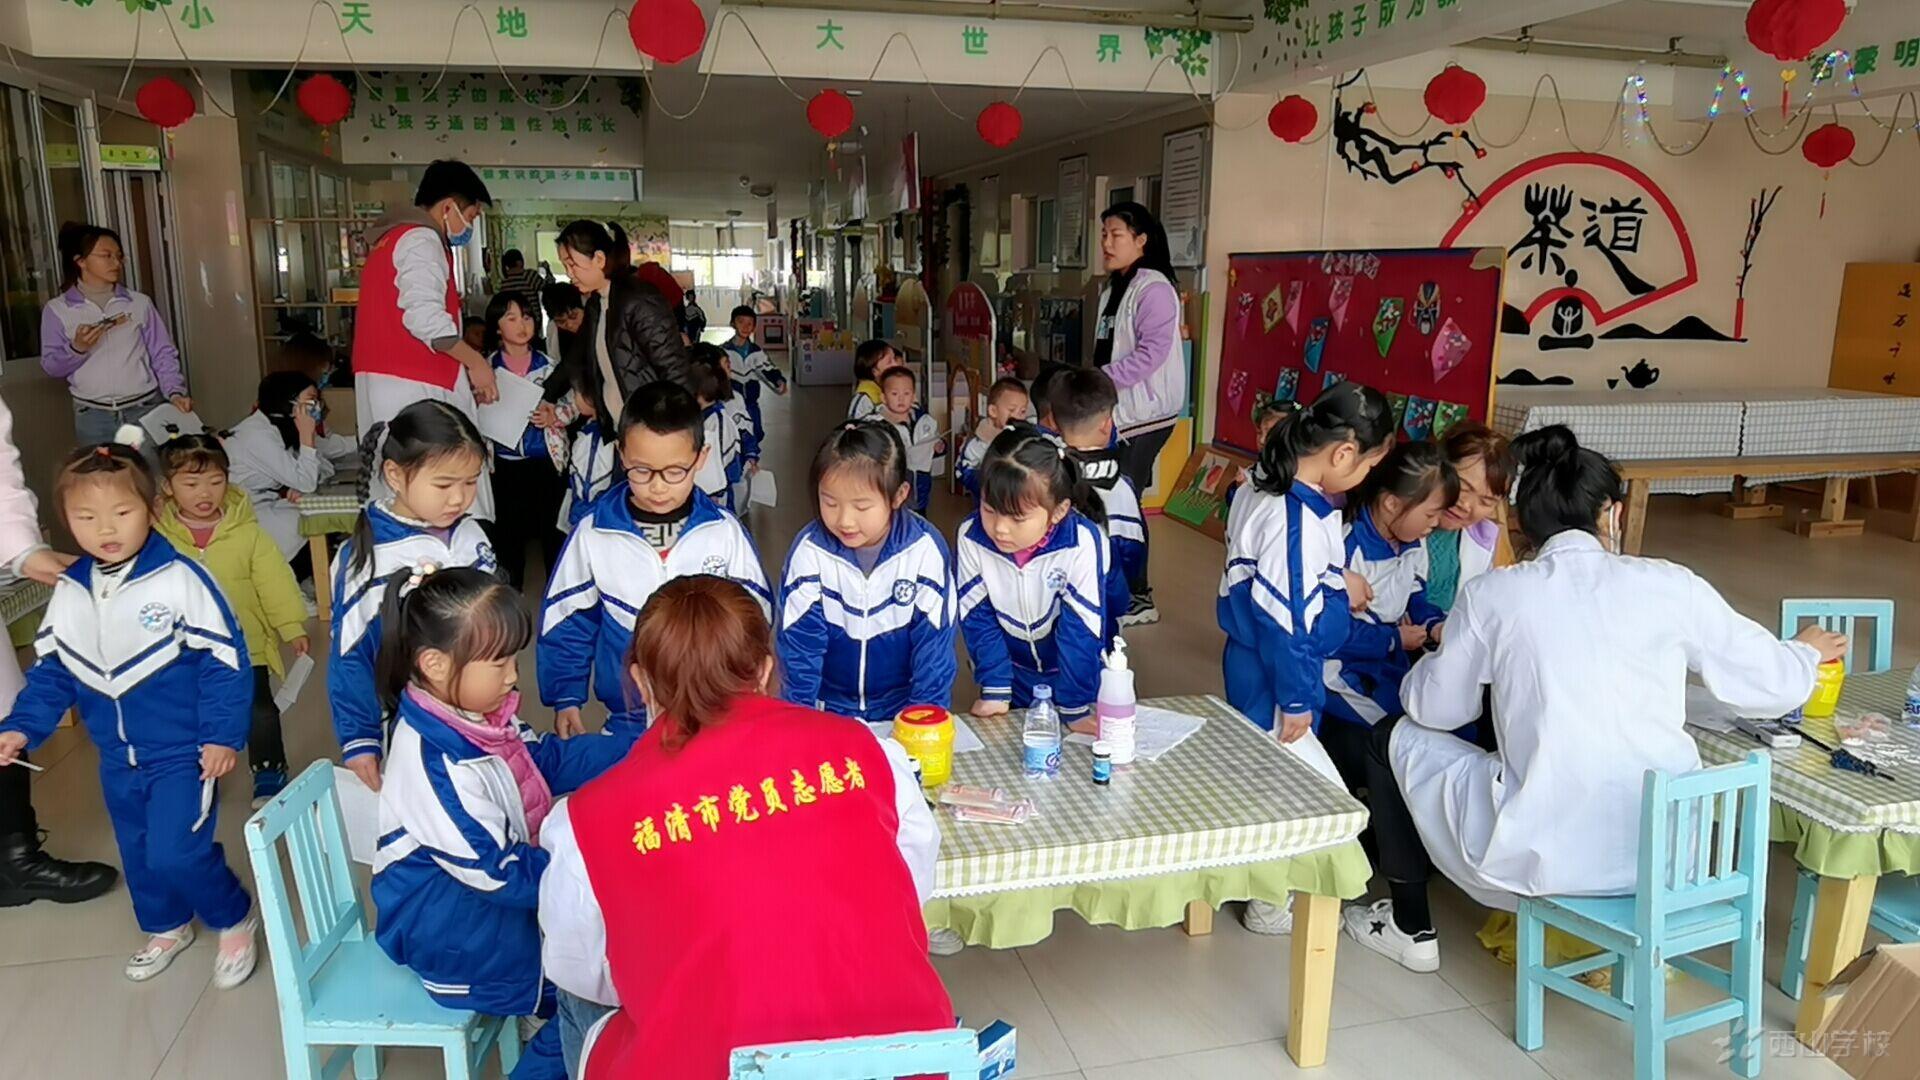 健康体检 爱心护航——福清西山学校幼儿园健康体检活动